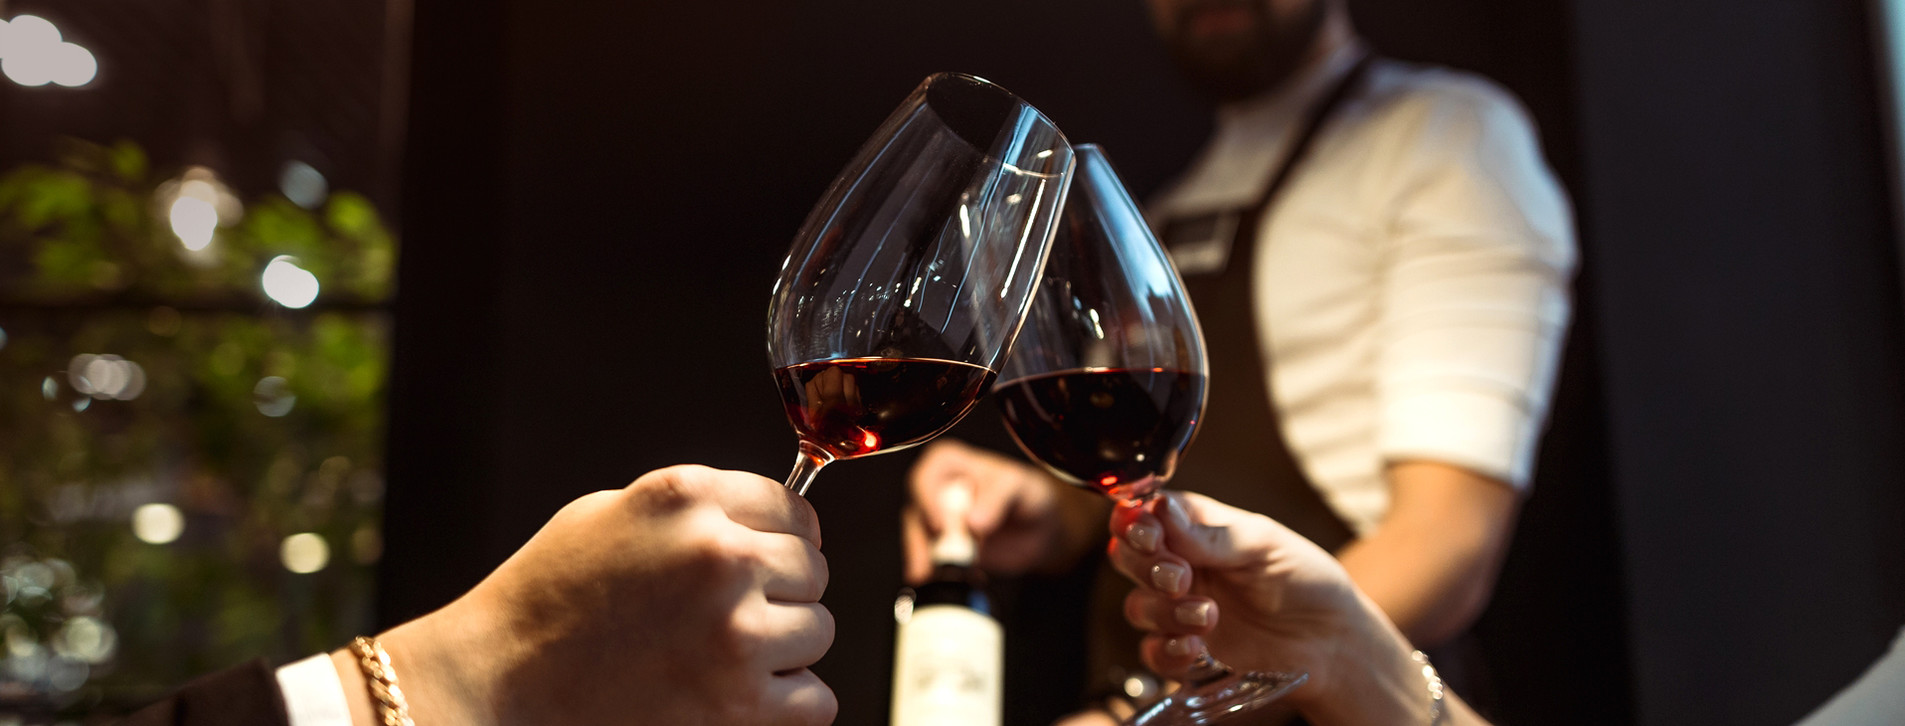 Фото 1 - Дегустация вин для двоих